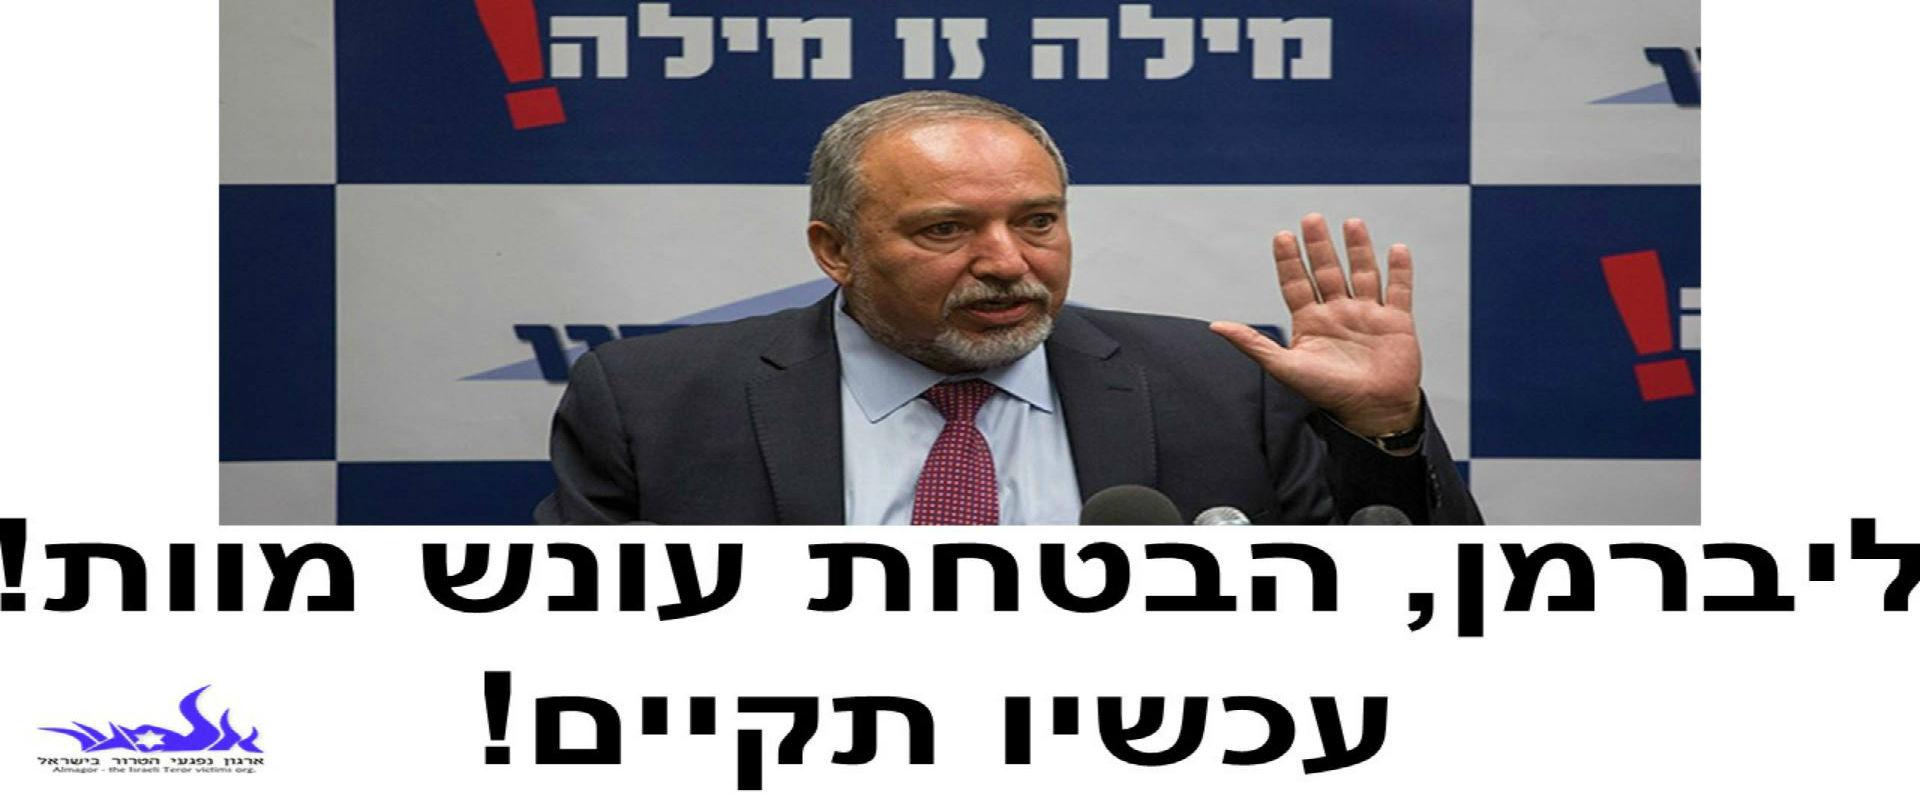 מתוך הקמפיין נגד שר הביטחון אביגדור ליברמן